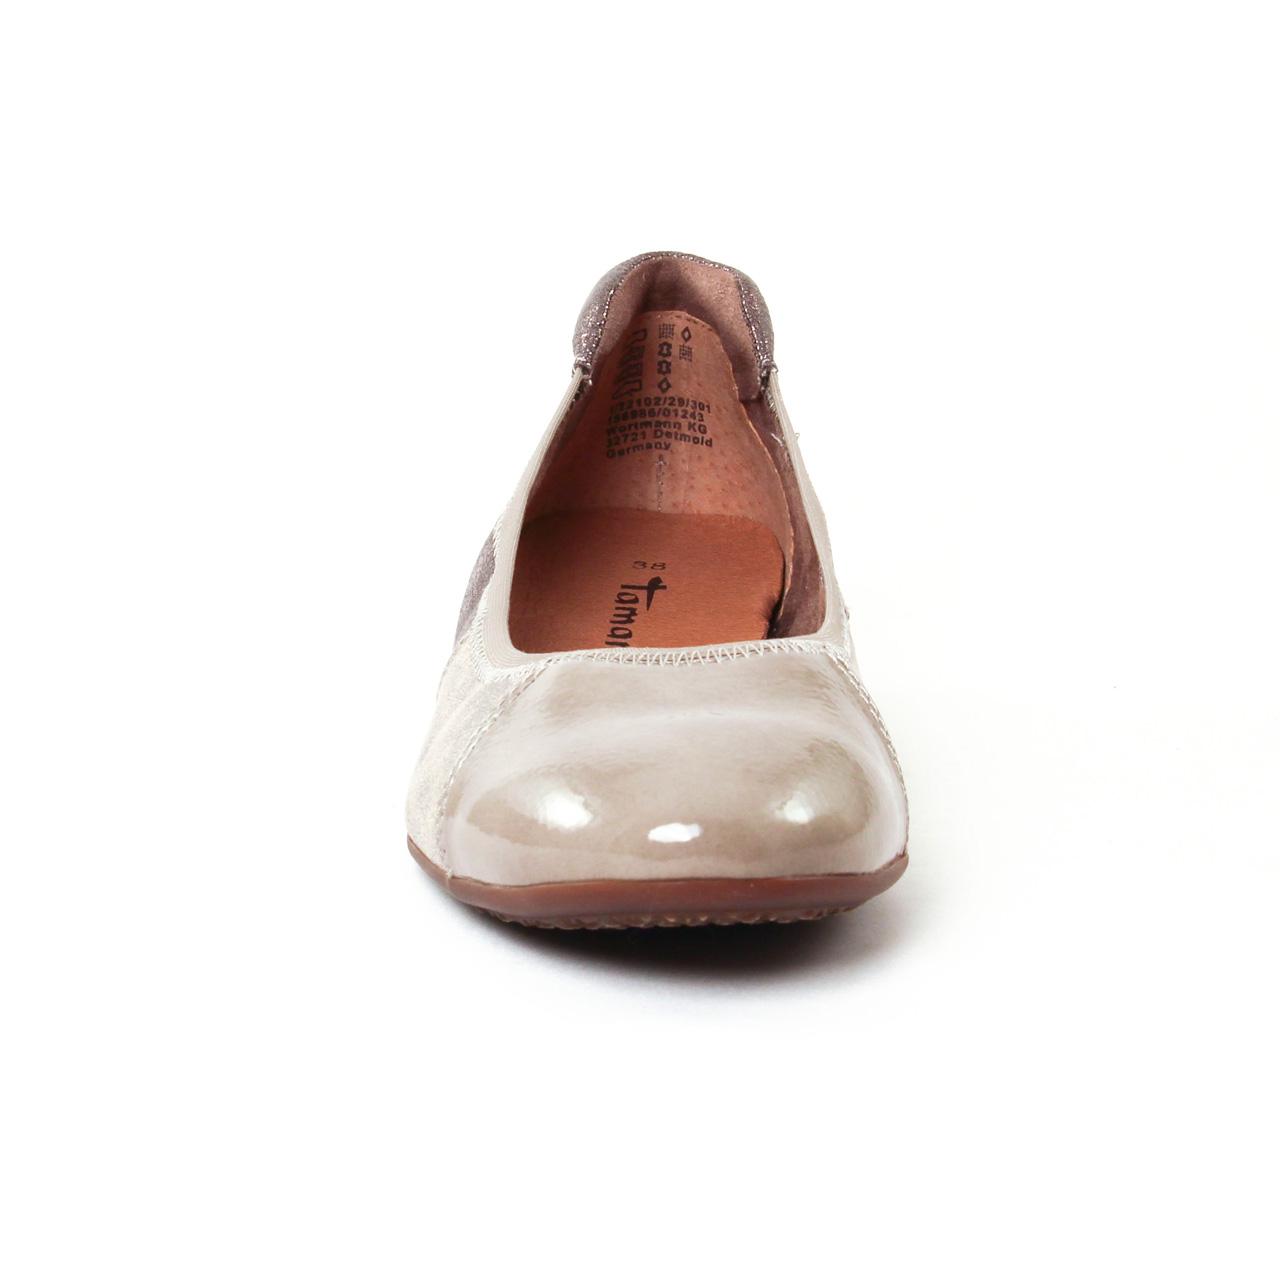 Tamaris 22102 Pepper   ballerine confort beige taupe automne